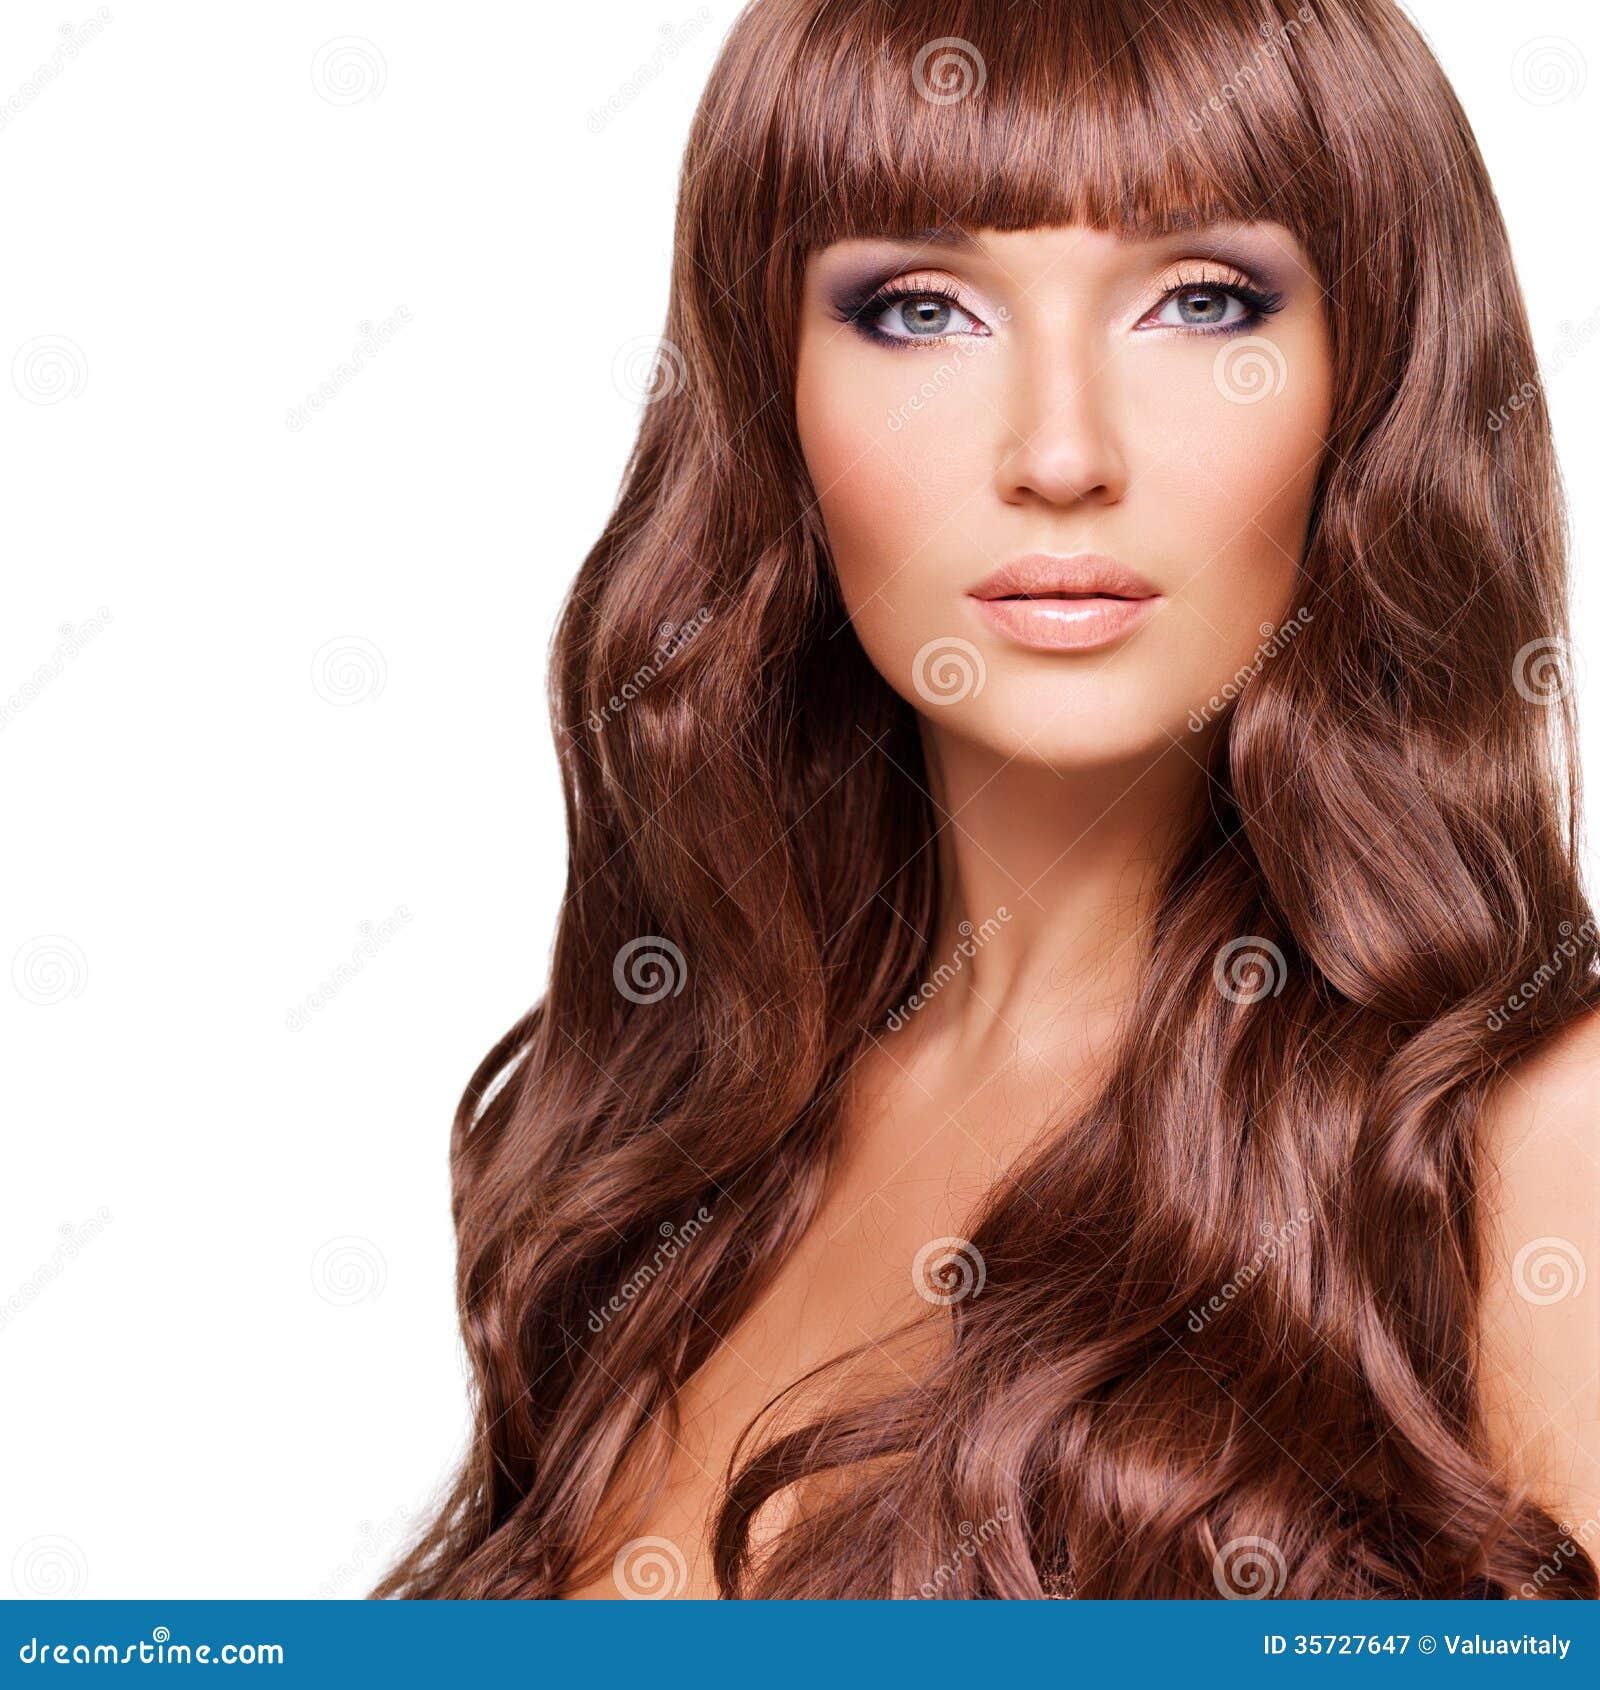 Beautiful Women With Long Gray Hair Hot Girls Wallpaper